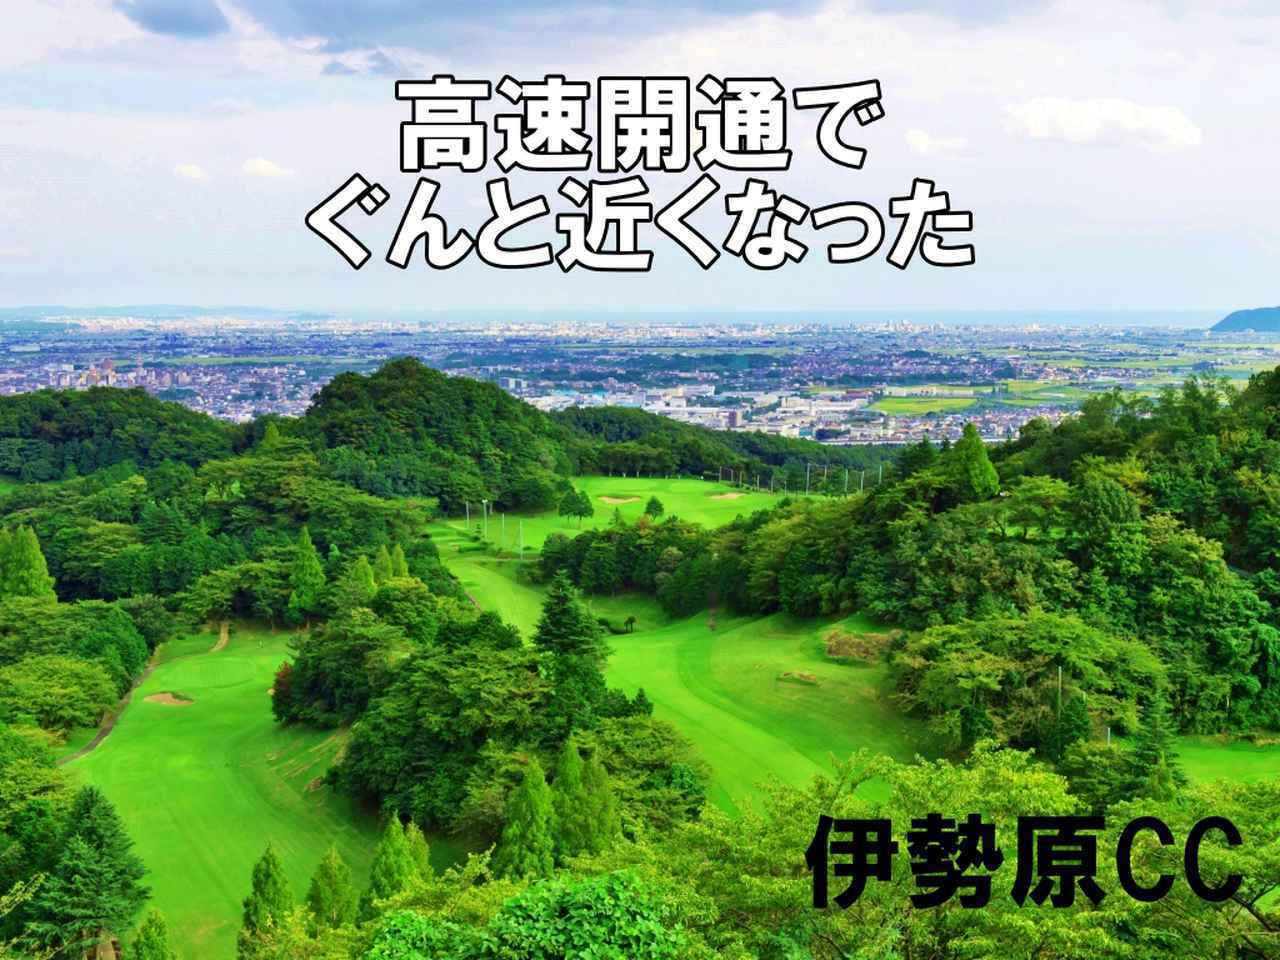 画像: 【ゴルフ会員権/はじめてのホームコース⑬】道がつながる、ゴルフ場が近くなる! 高速開通でアクセス向上、東名高速沿いのゴルフ会員権ガイド - ゴルフへ行こうWEB by ゴルフダイジェスト